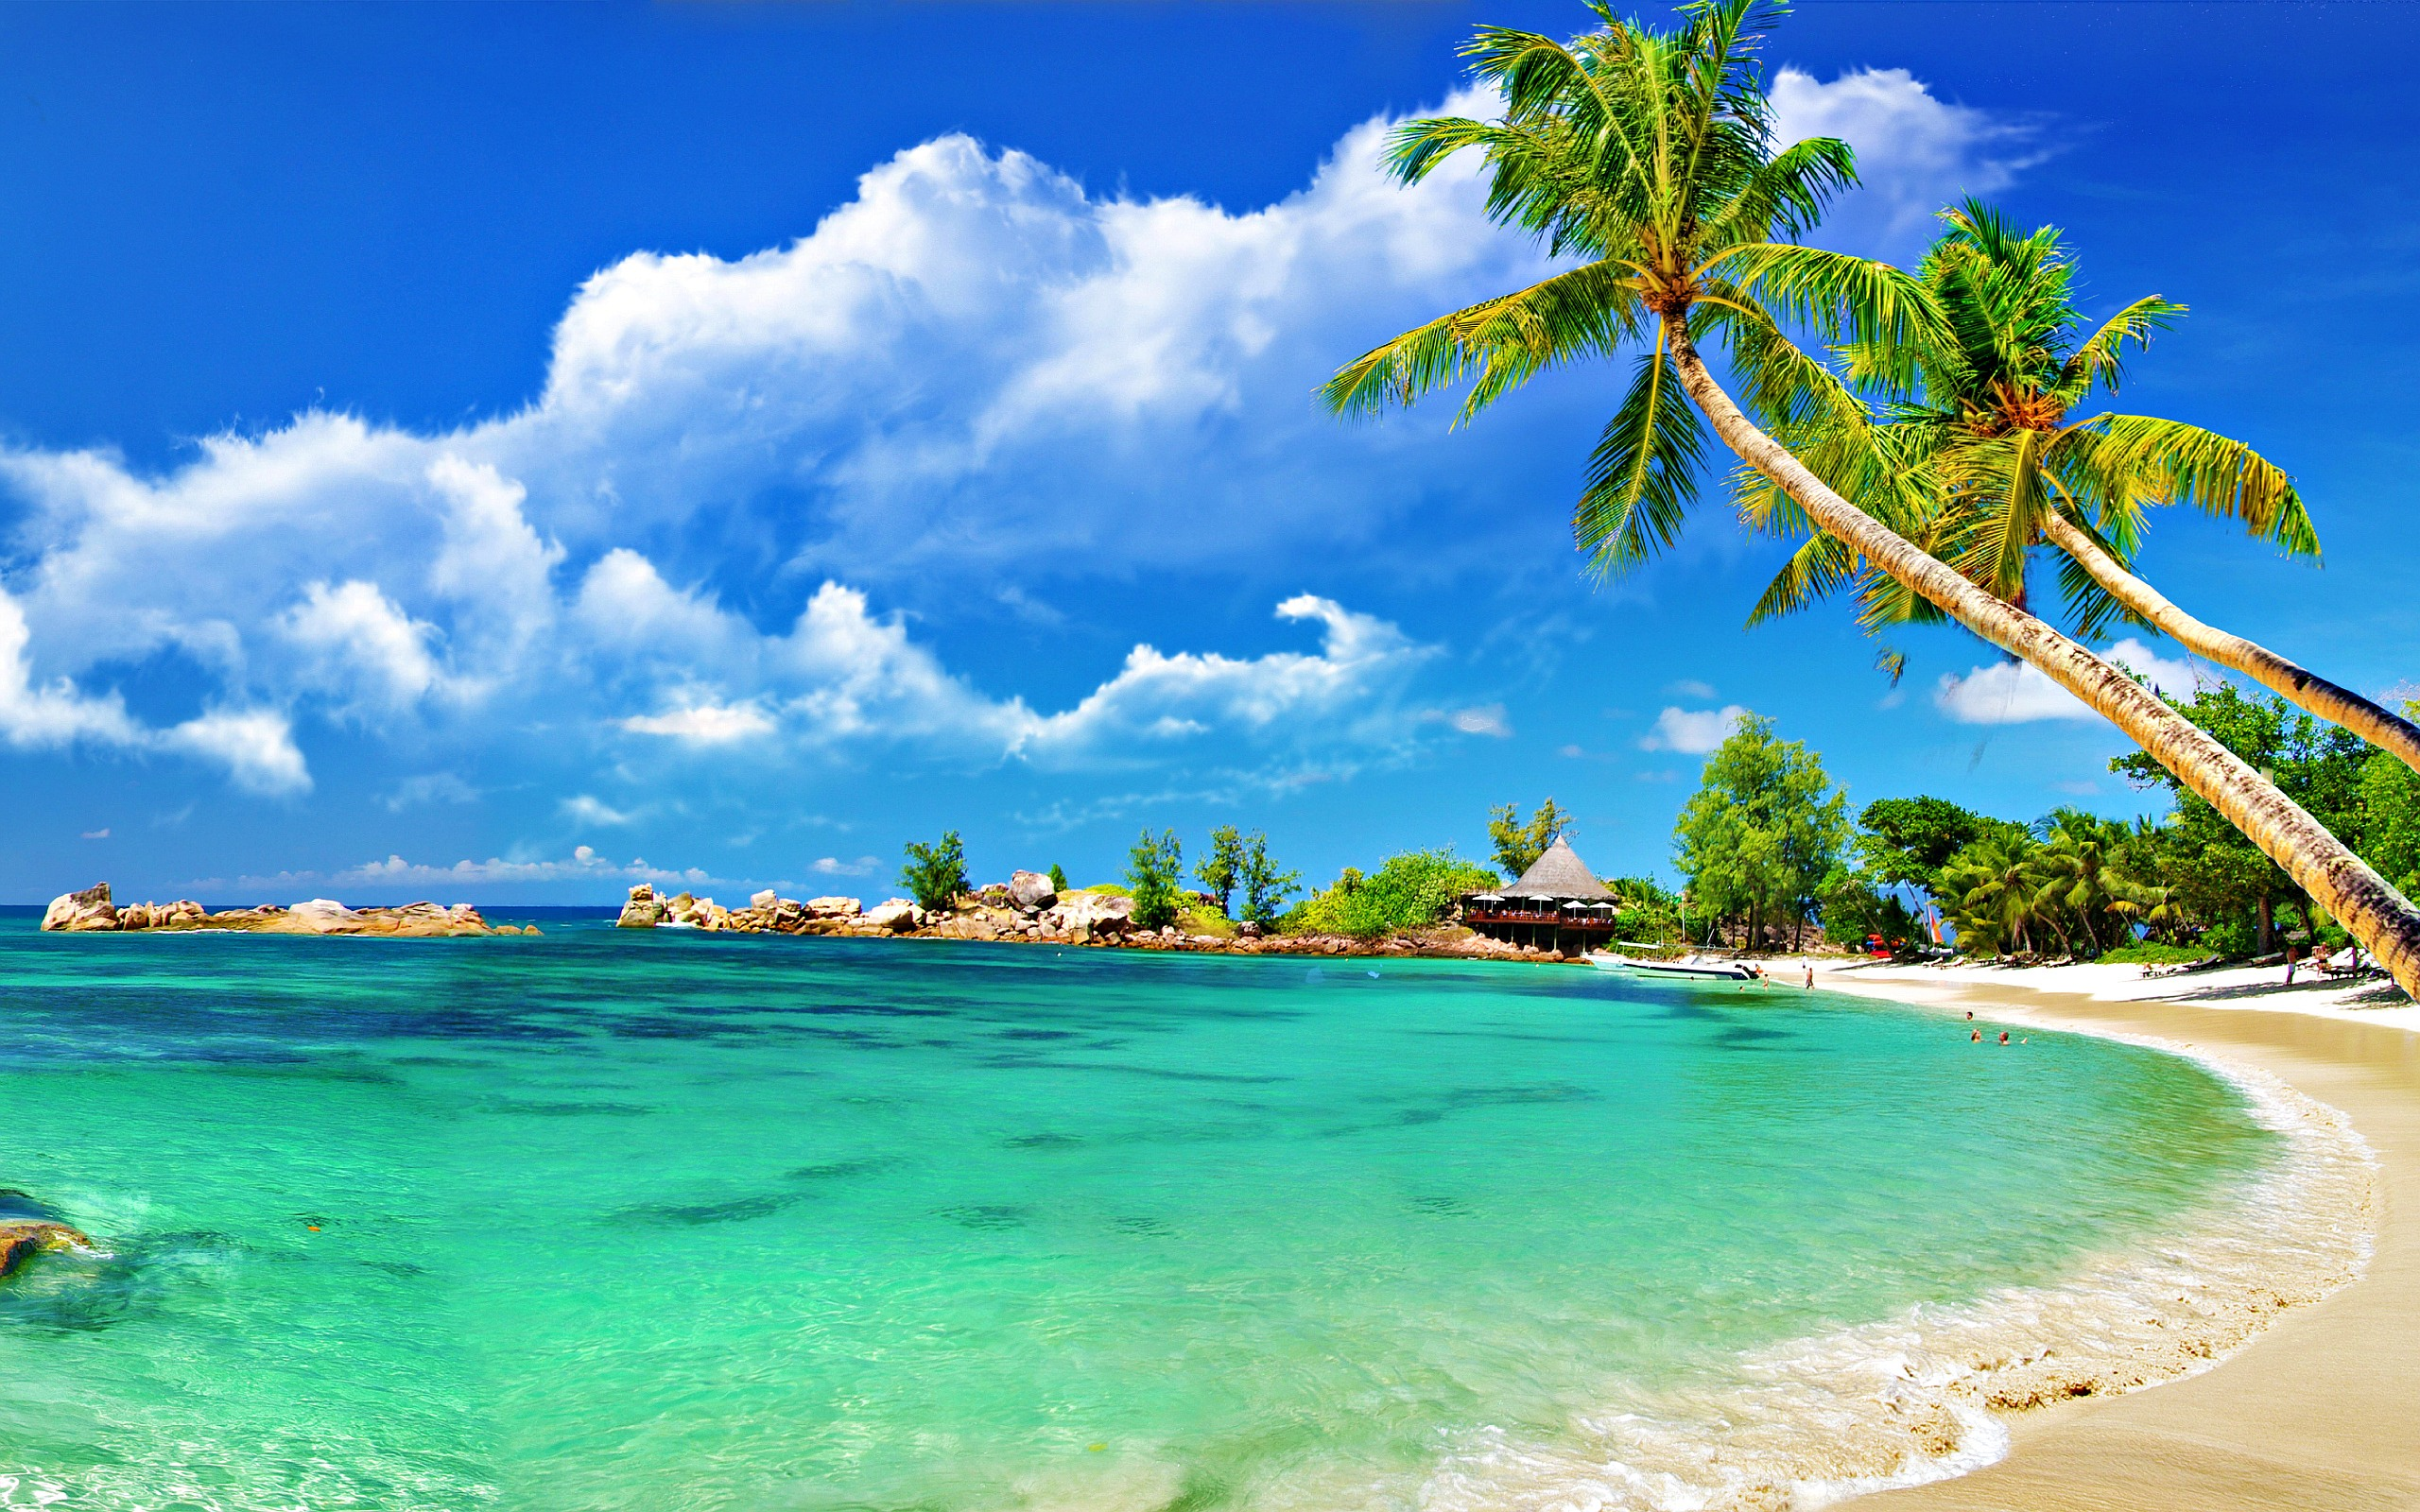 Beach Wallpaper Desktop 2560x1600